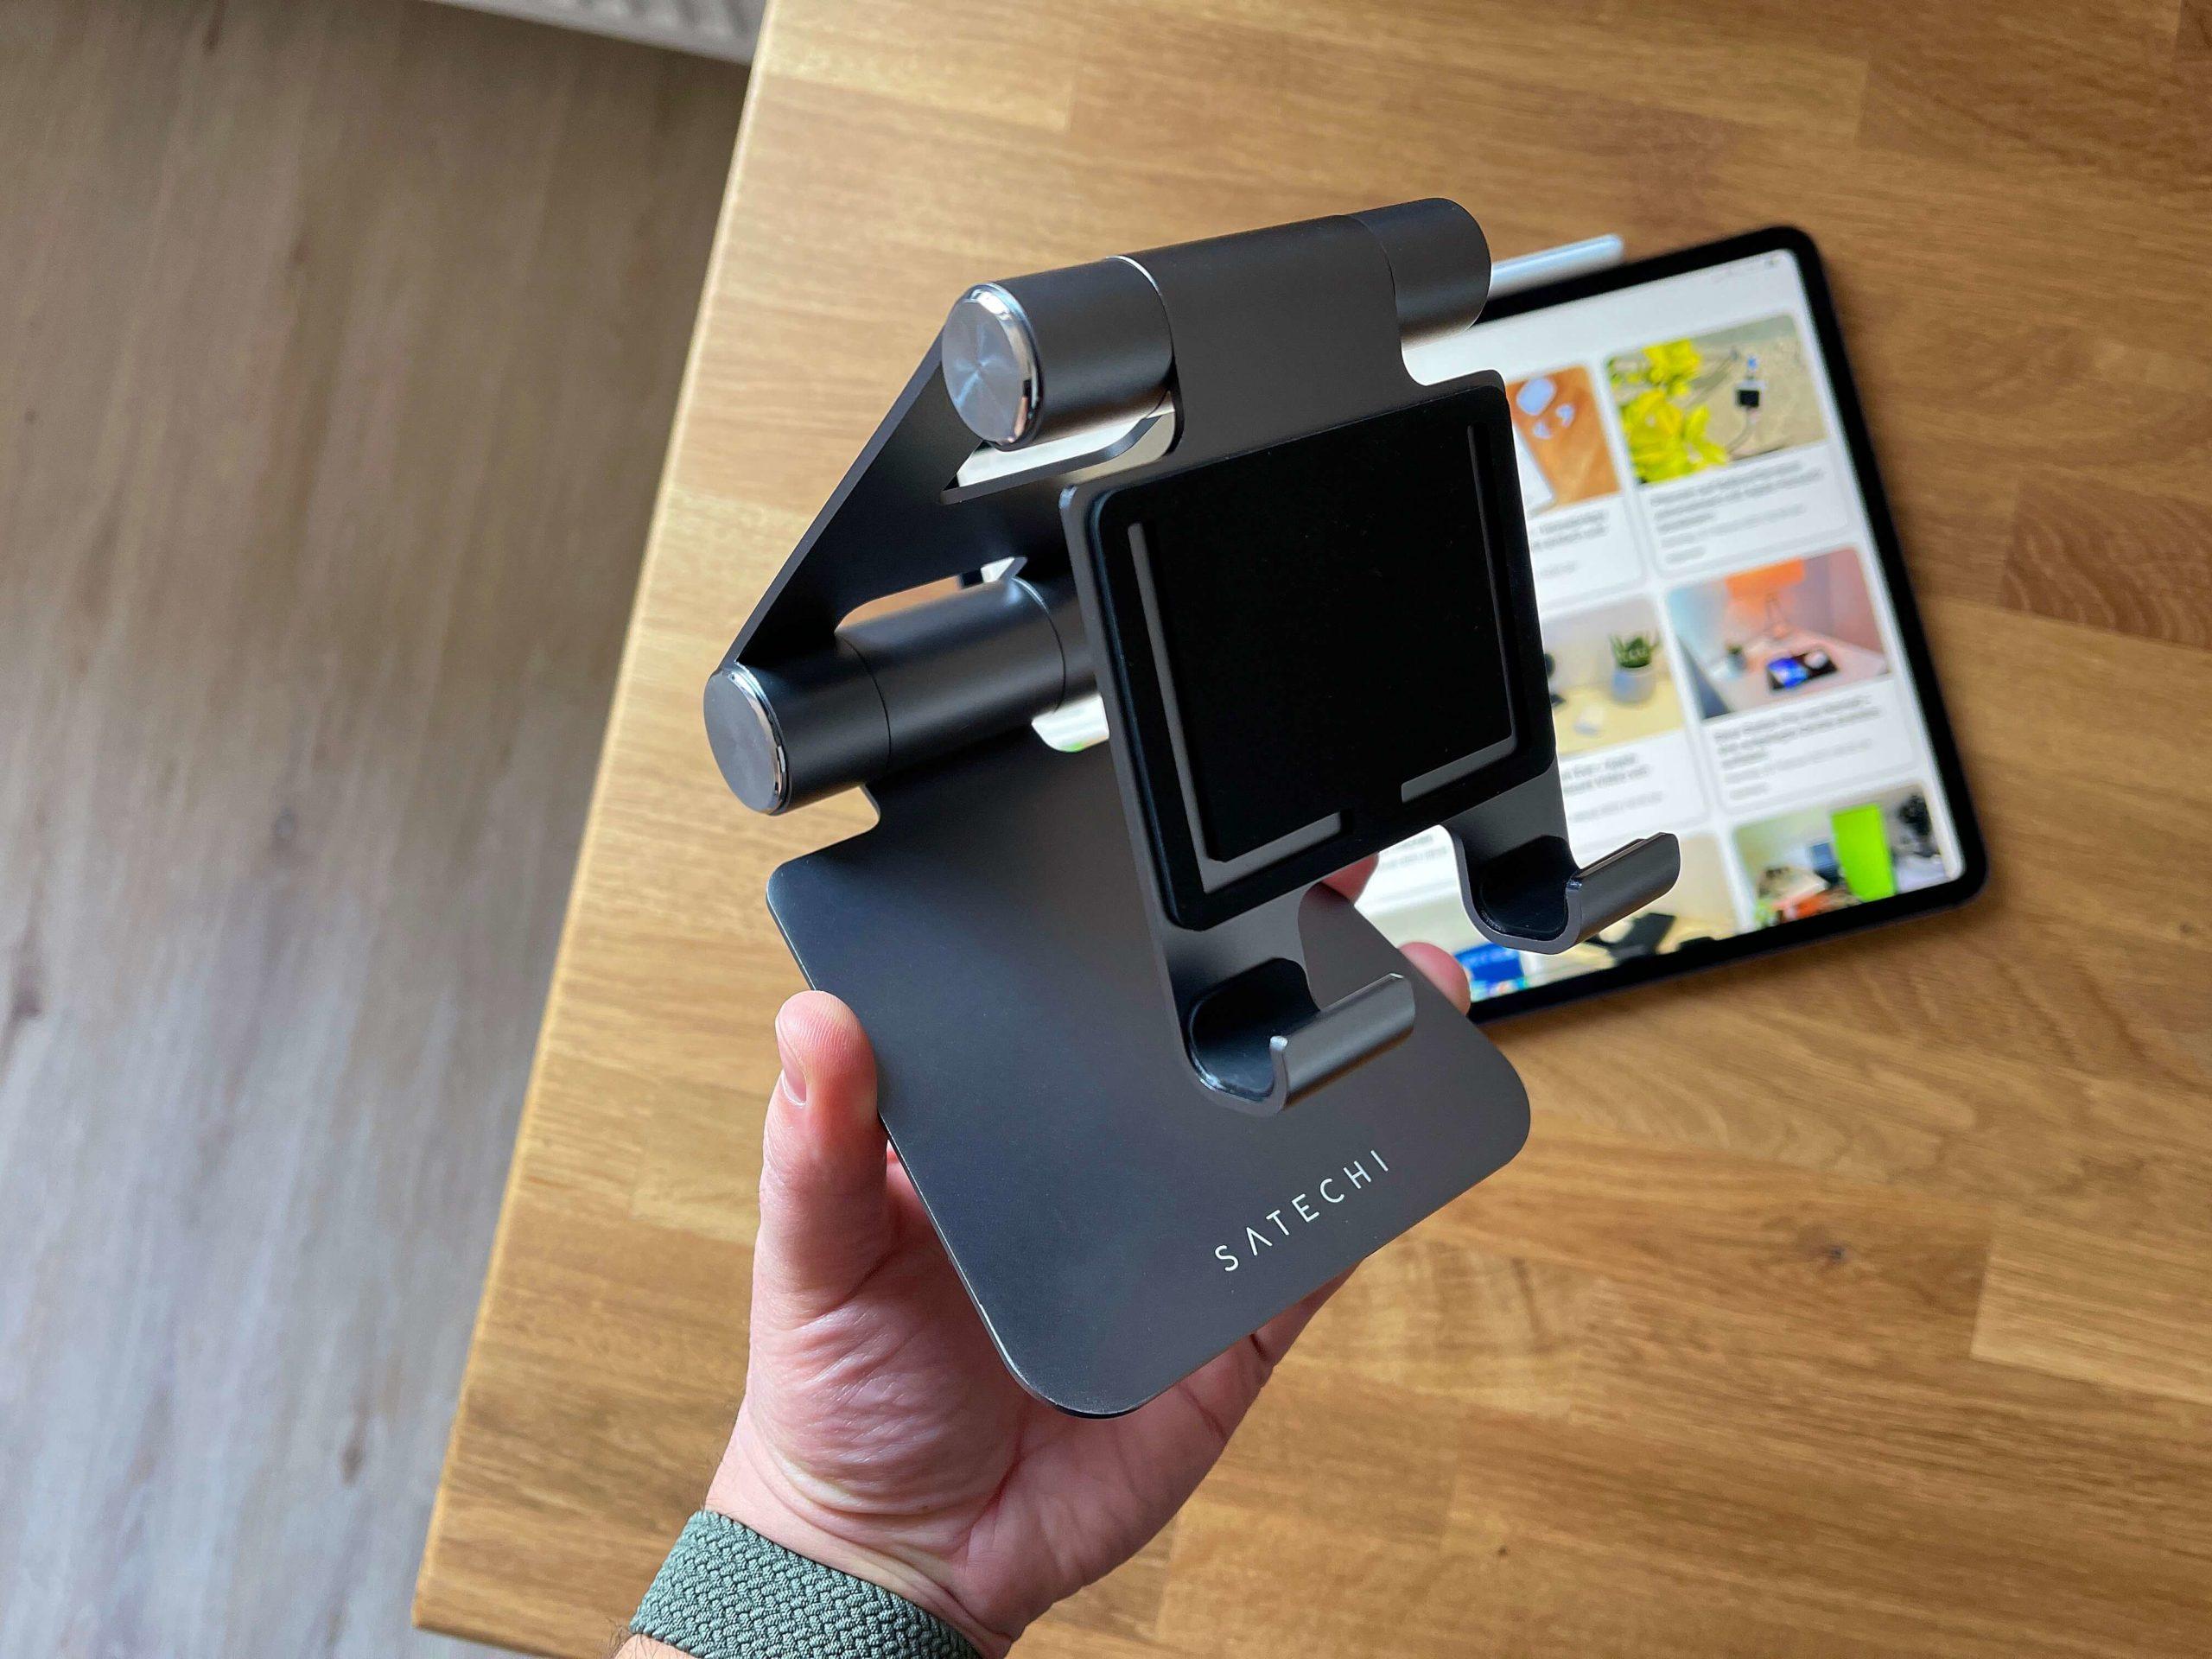 Klappbarer-Tablet-Staender-R1-von-Satechi-das-iPad-immer-korrekt-aufgestellt3-scaled Klappbarer Tablet-Ständer R1 von Satechi - das iPad immer korrekt aufgestellt